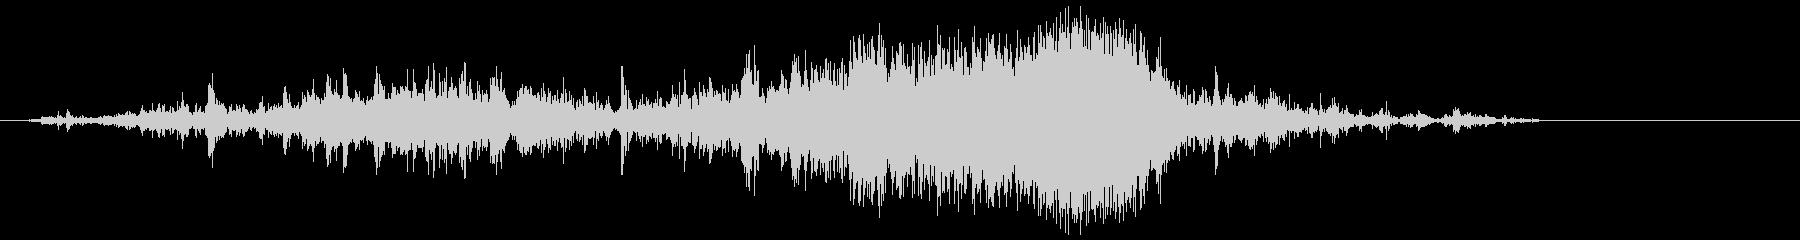 ビニール袋(ガシャ)の未再生の波形